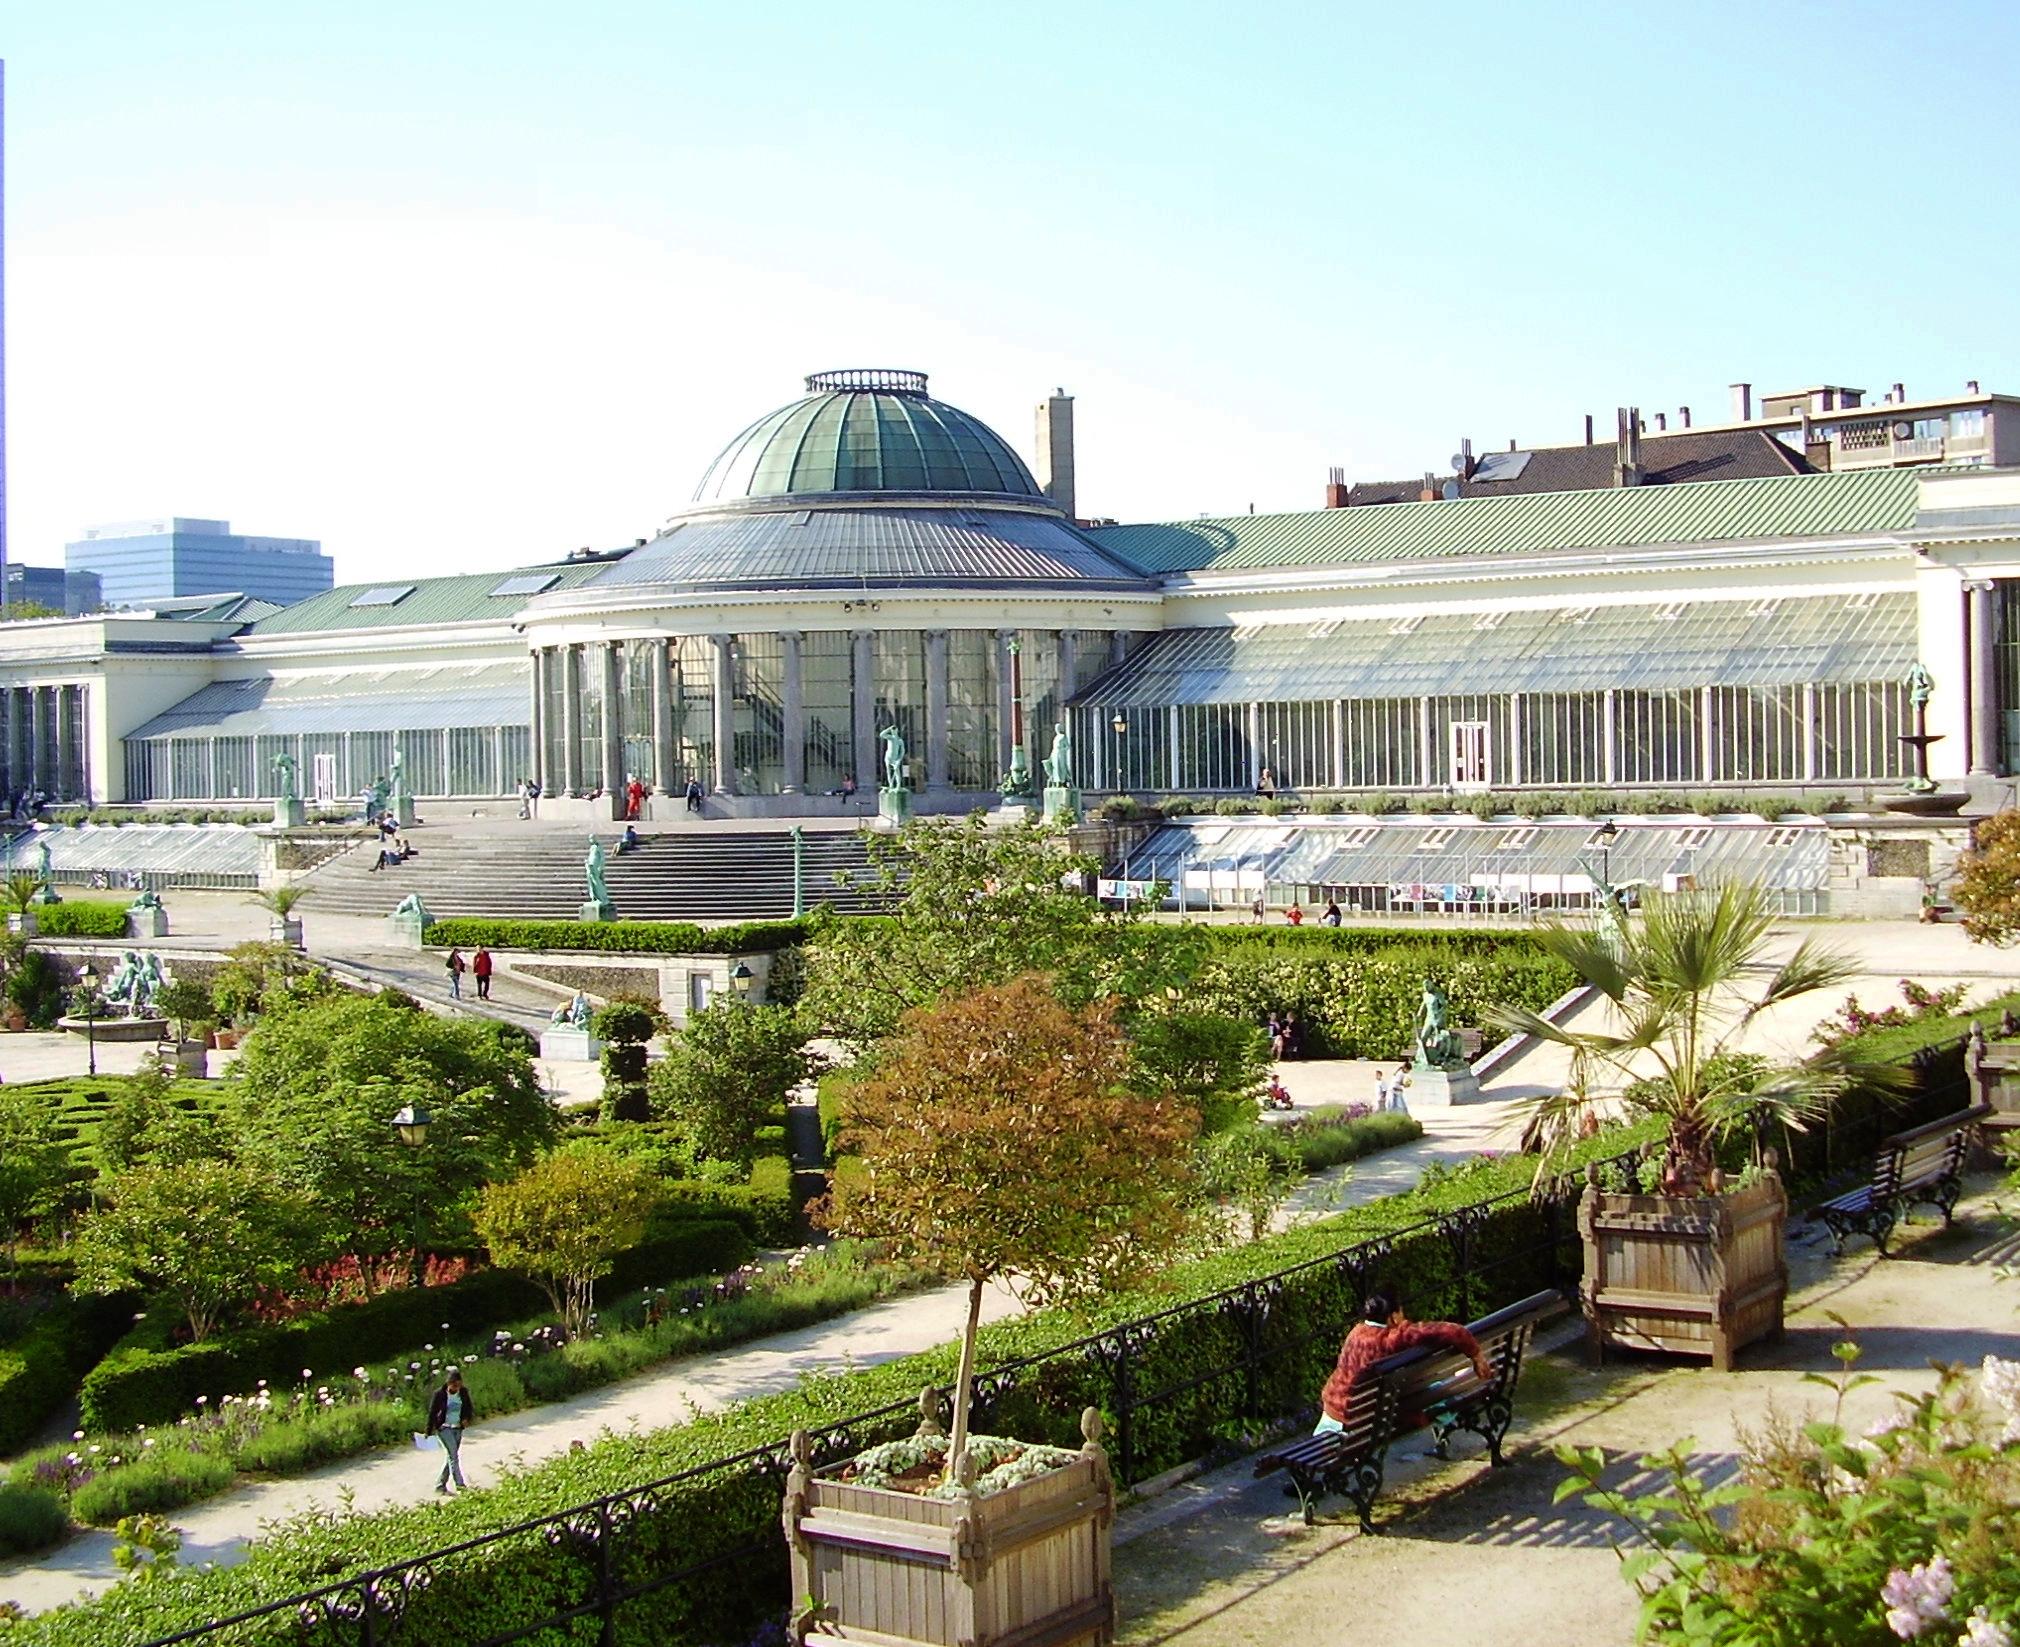 Jardin botanique de bruxelles wikiwand for Botanique jardin